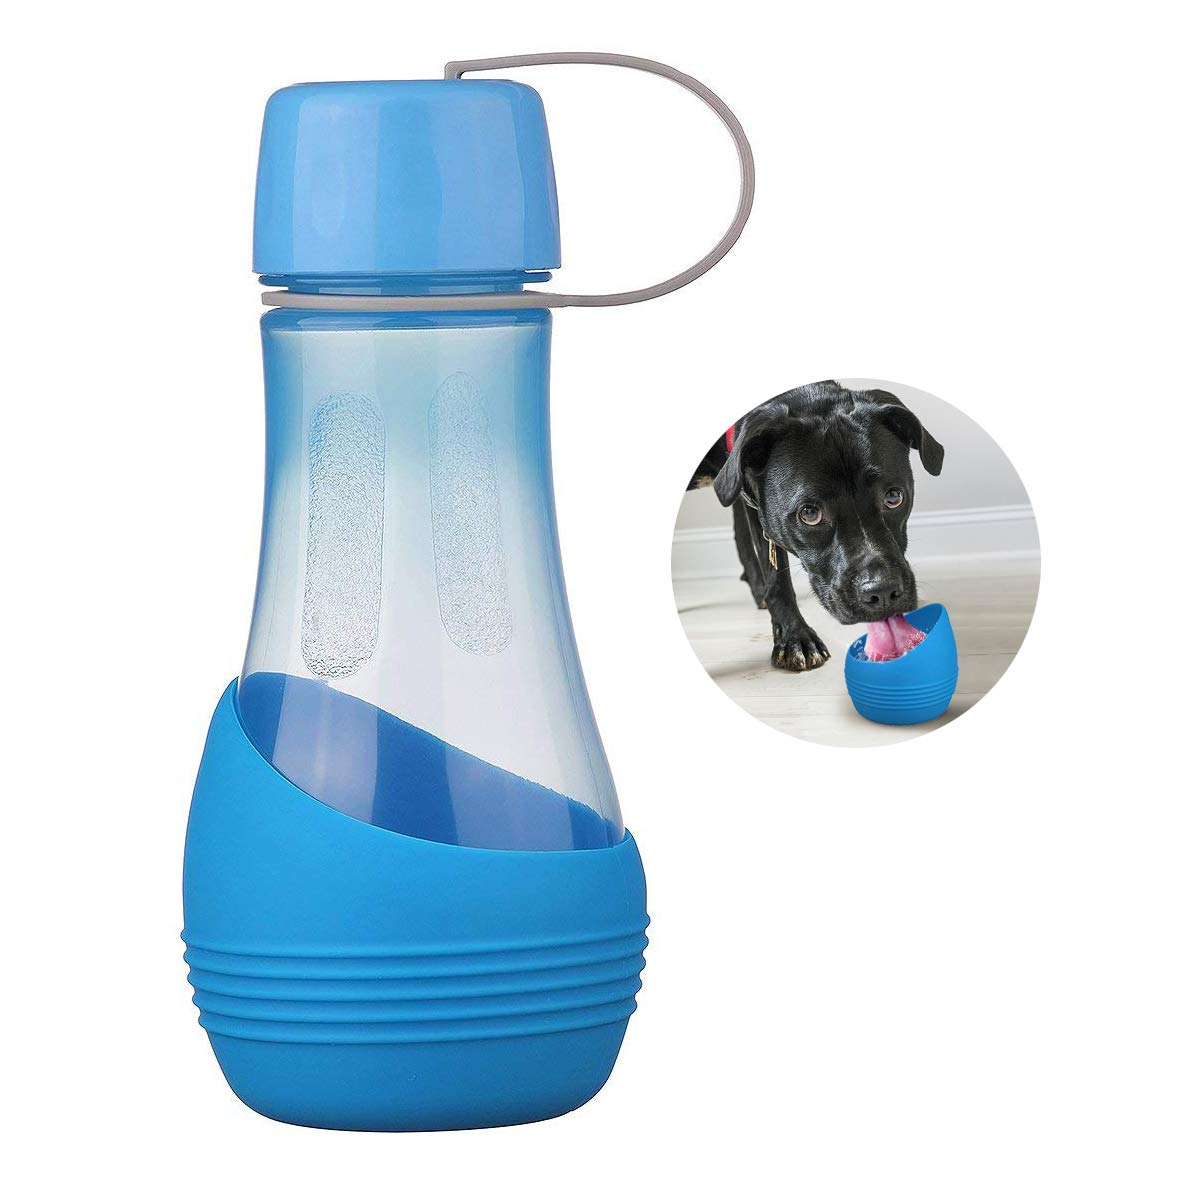 RoyalCare Neue Wasserflasche Für Hunde BPA-frei mit abnehmbarer Schüssel, Perfekt zum Wandern, Ausübung, Wandern, Camping mit Haustiere Ausübung